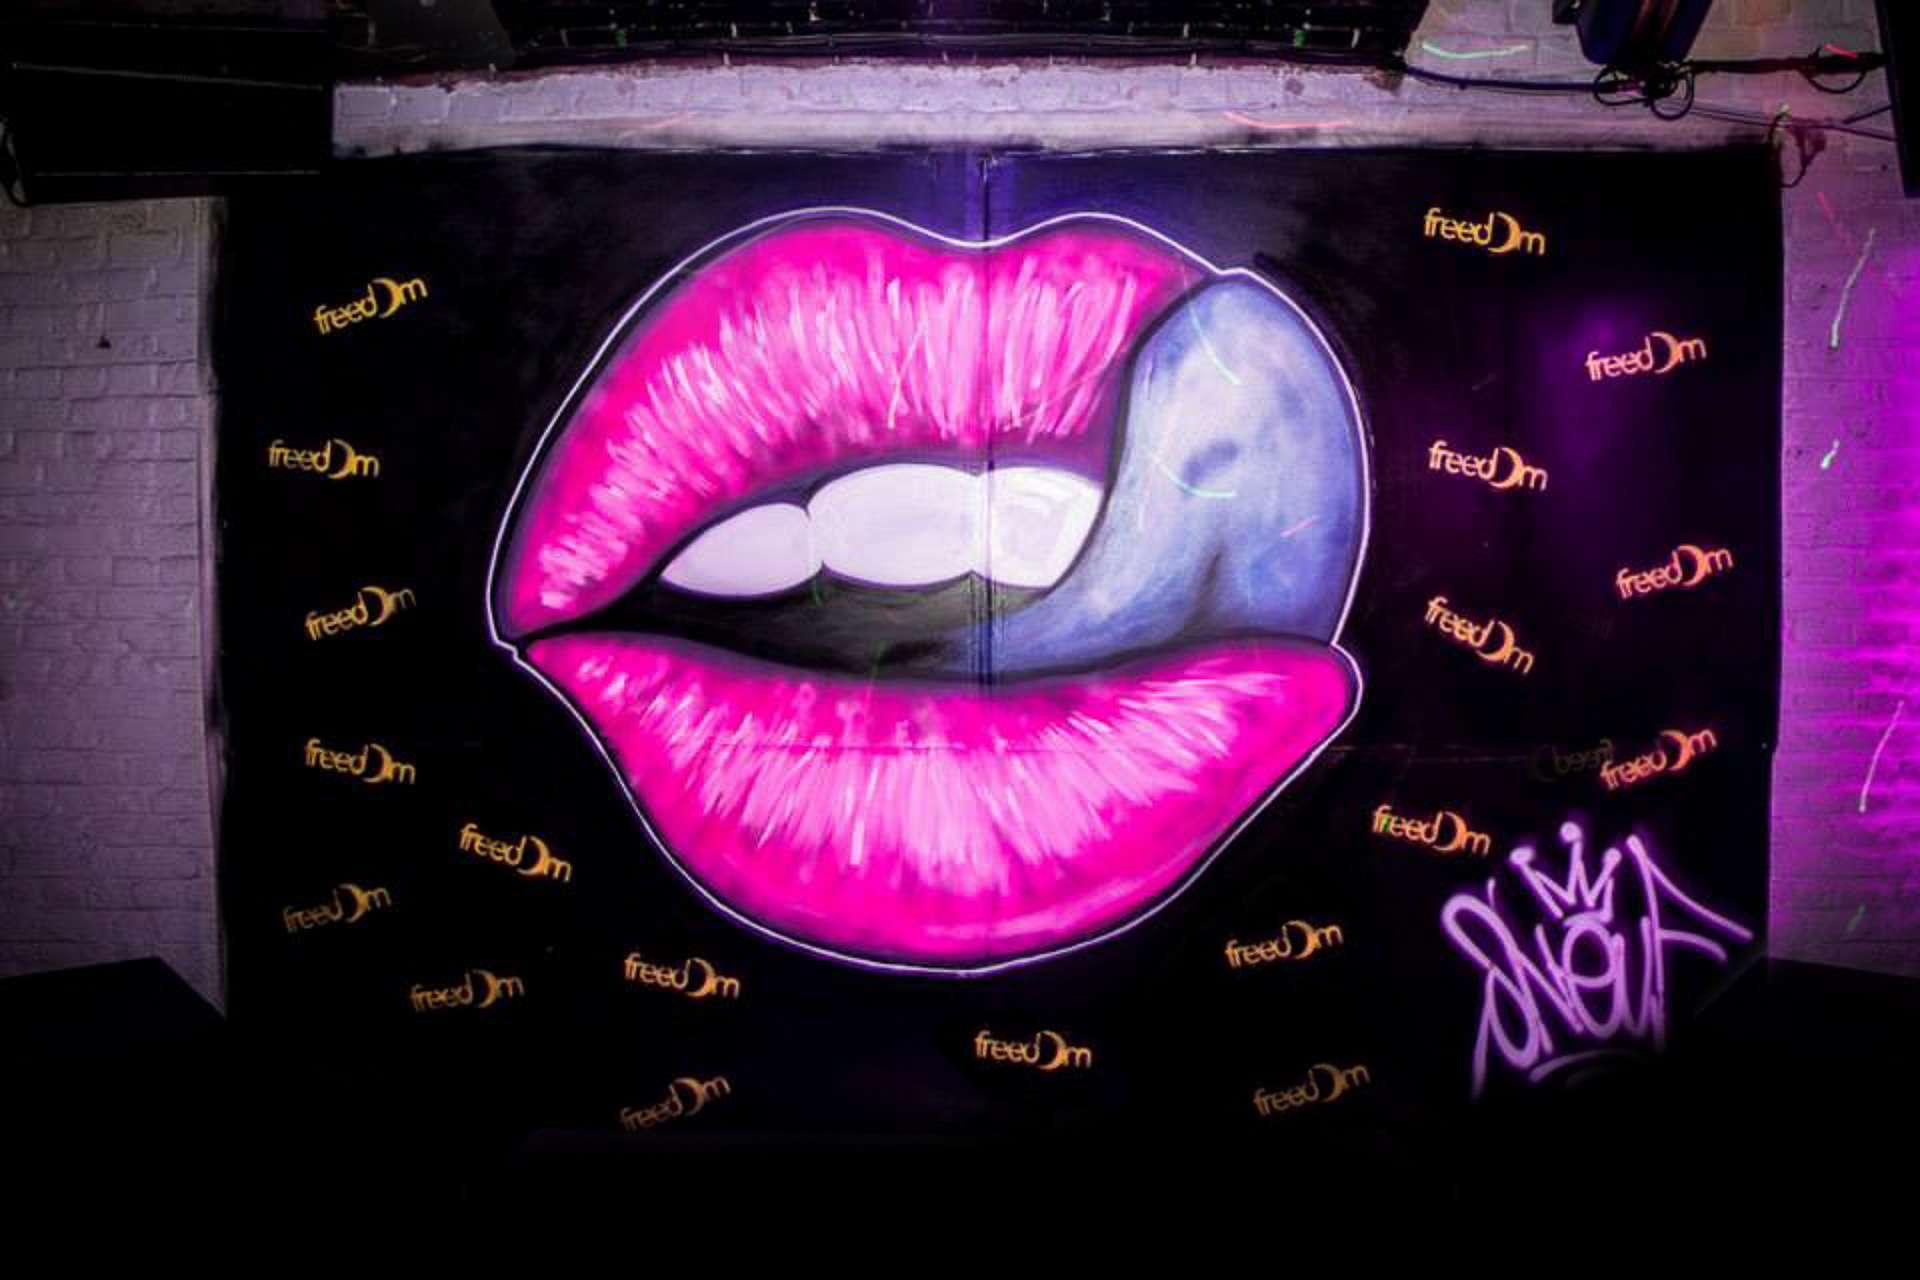 décoration graffiti boite de nuit Lille s9photographizm